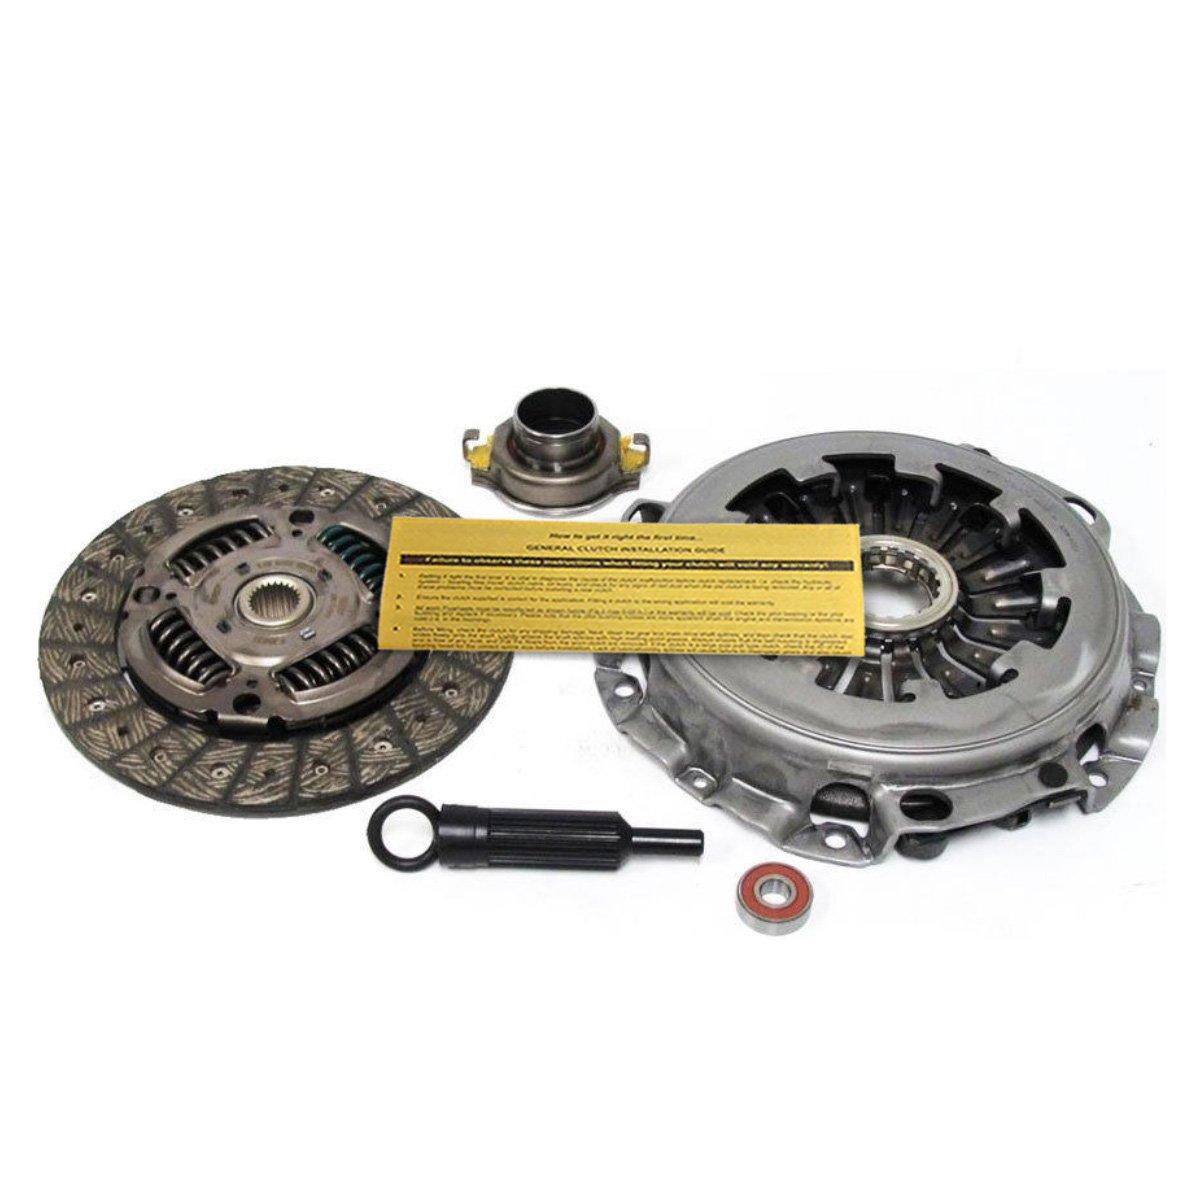 Amazon.com: EXEDY CLUTCH KIT FJK1006 for 02-05 SUBARU IMPREZA WRX AWD 2.0L TURBO EJ205 5 SPD: Automotive